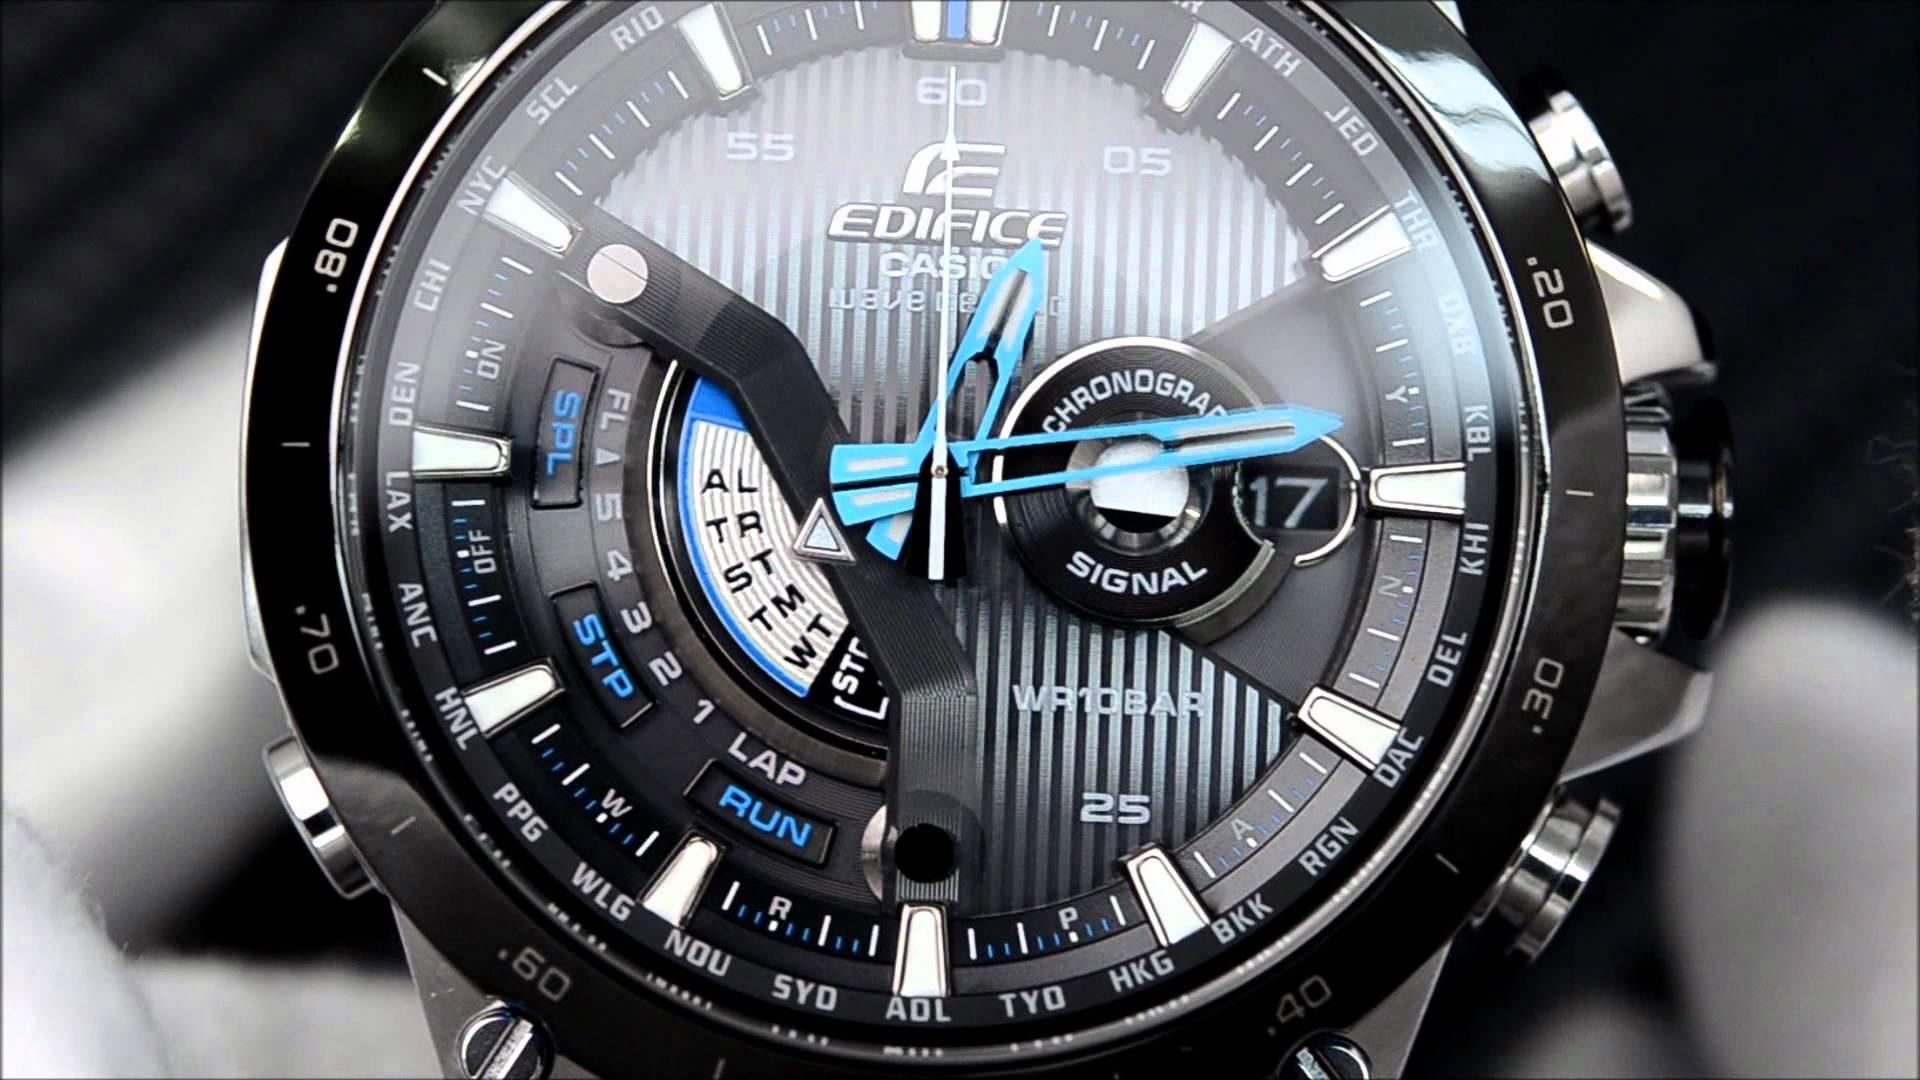 Đồng hồ Casio Edifice đánh dấu sự phát triển của công nghệ điện tử